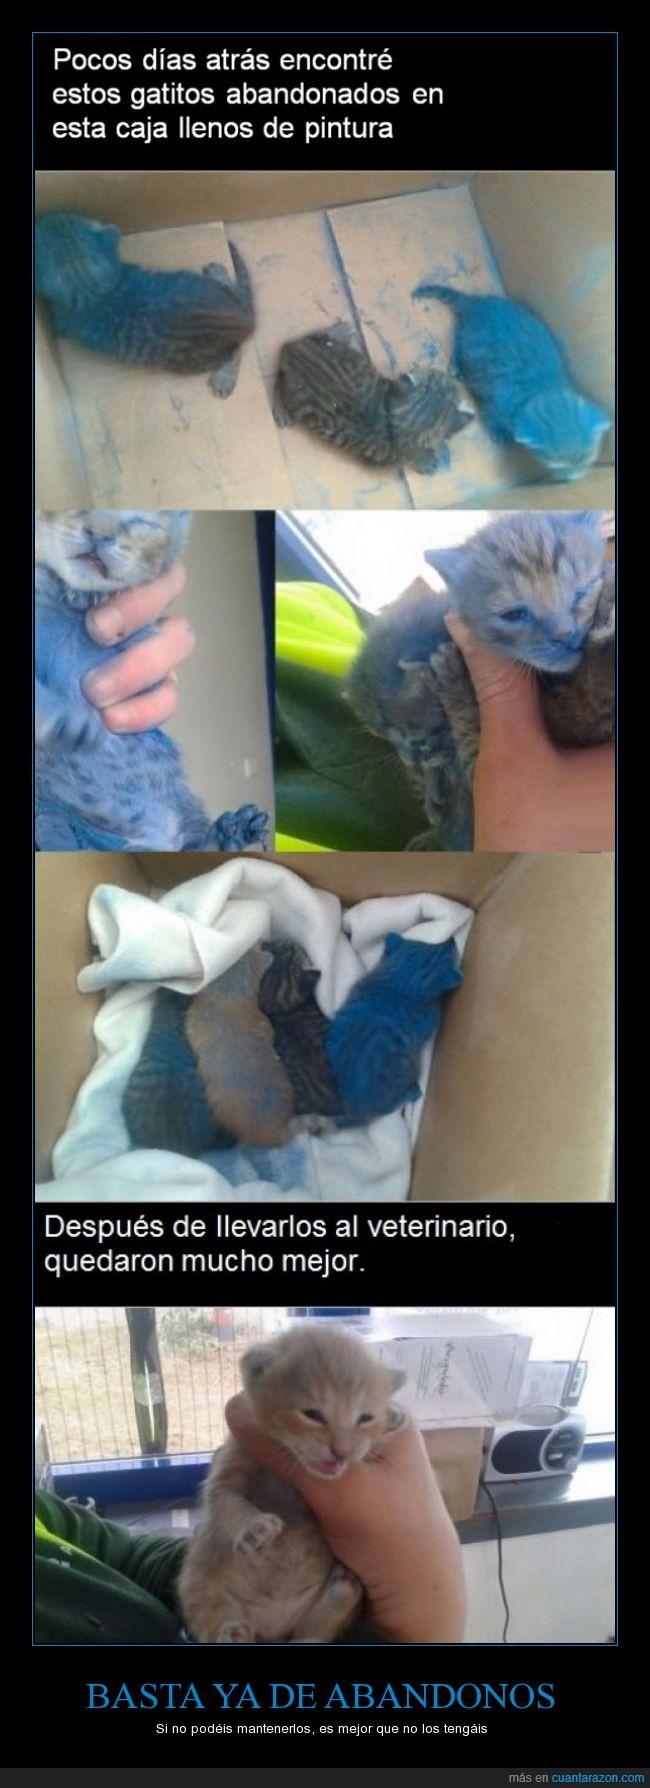 ayudar,azul,cachorro,caja,gasteiz,gatito,gato,no más abandono animal,pintar,pintura,rescatar,rescate,salvar,veterinario,vitoria,yo tengo 3 gatos 3 perros y 0 amigos